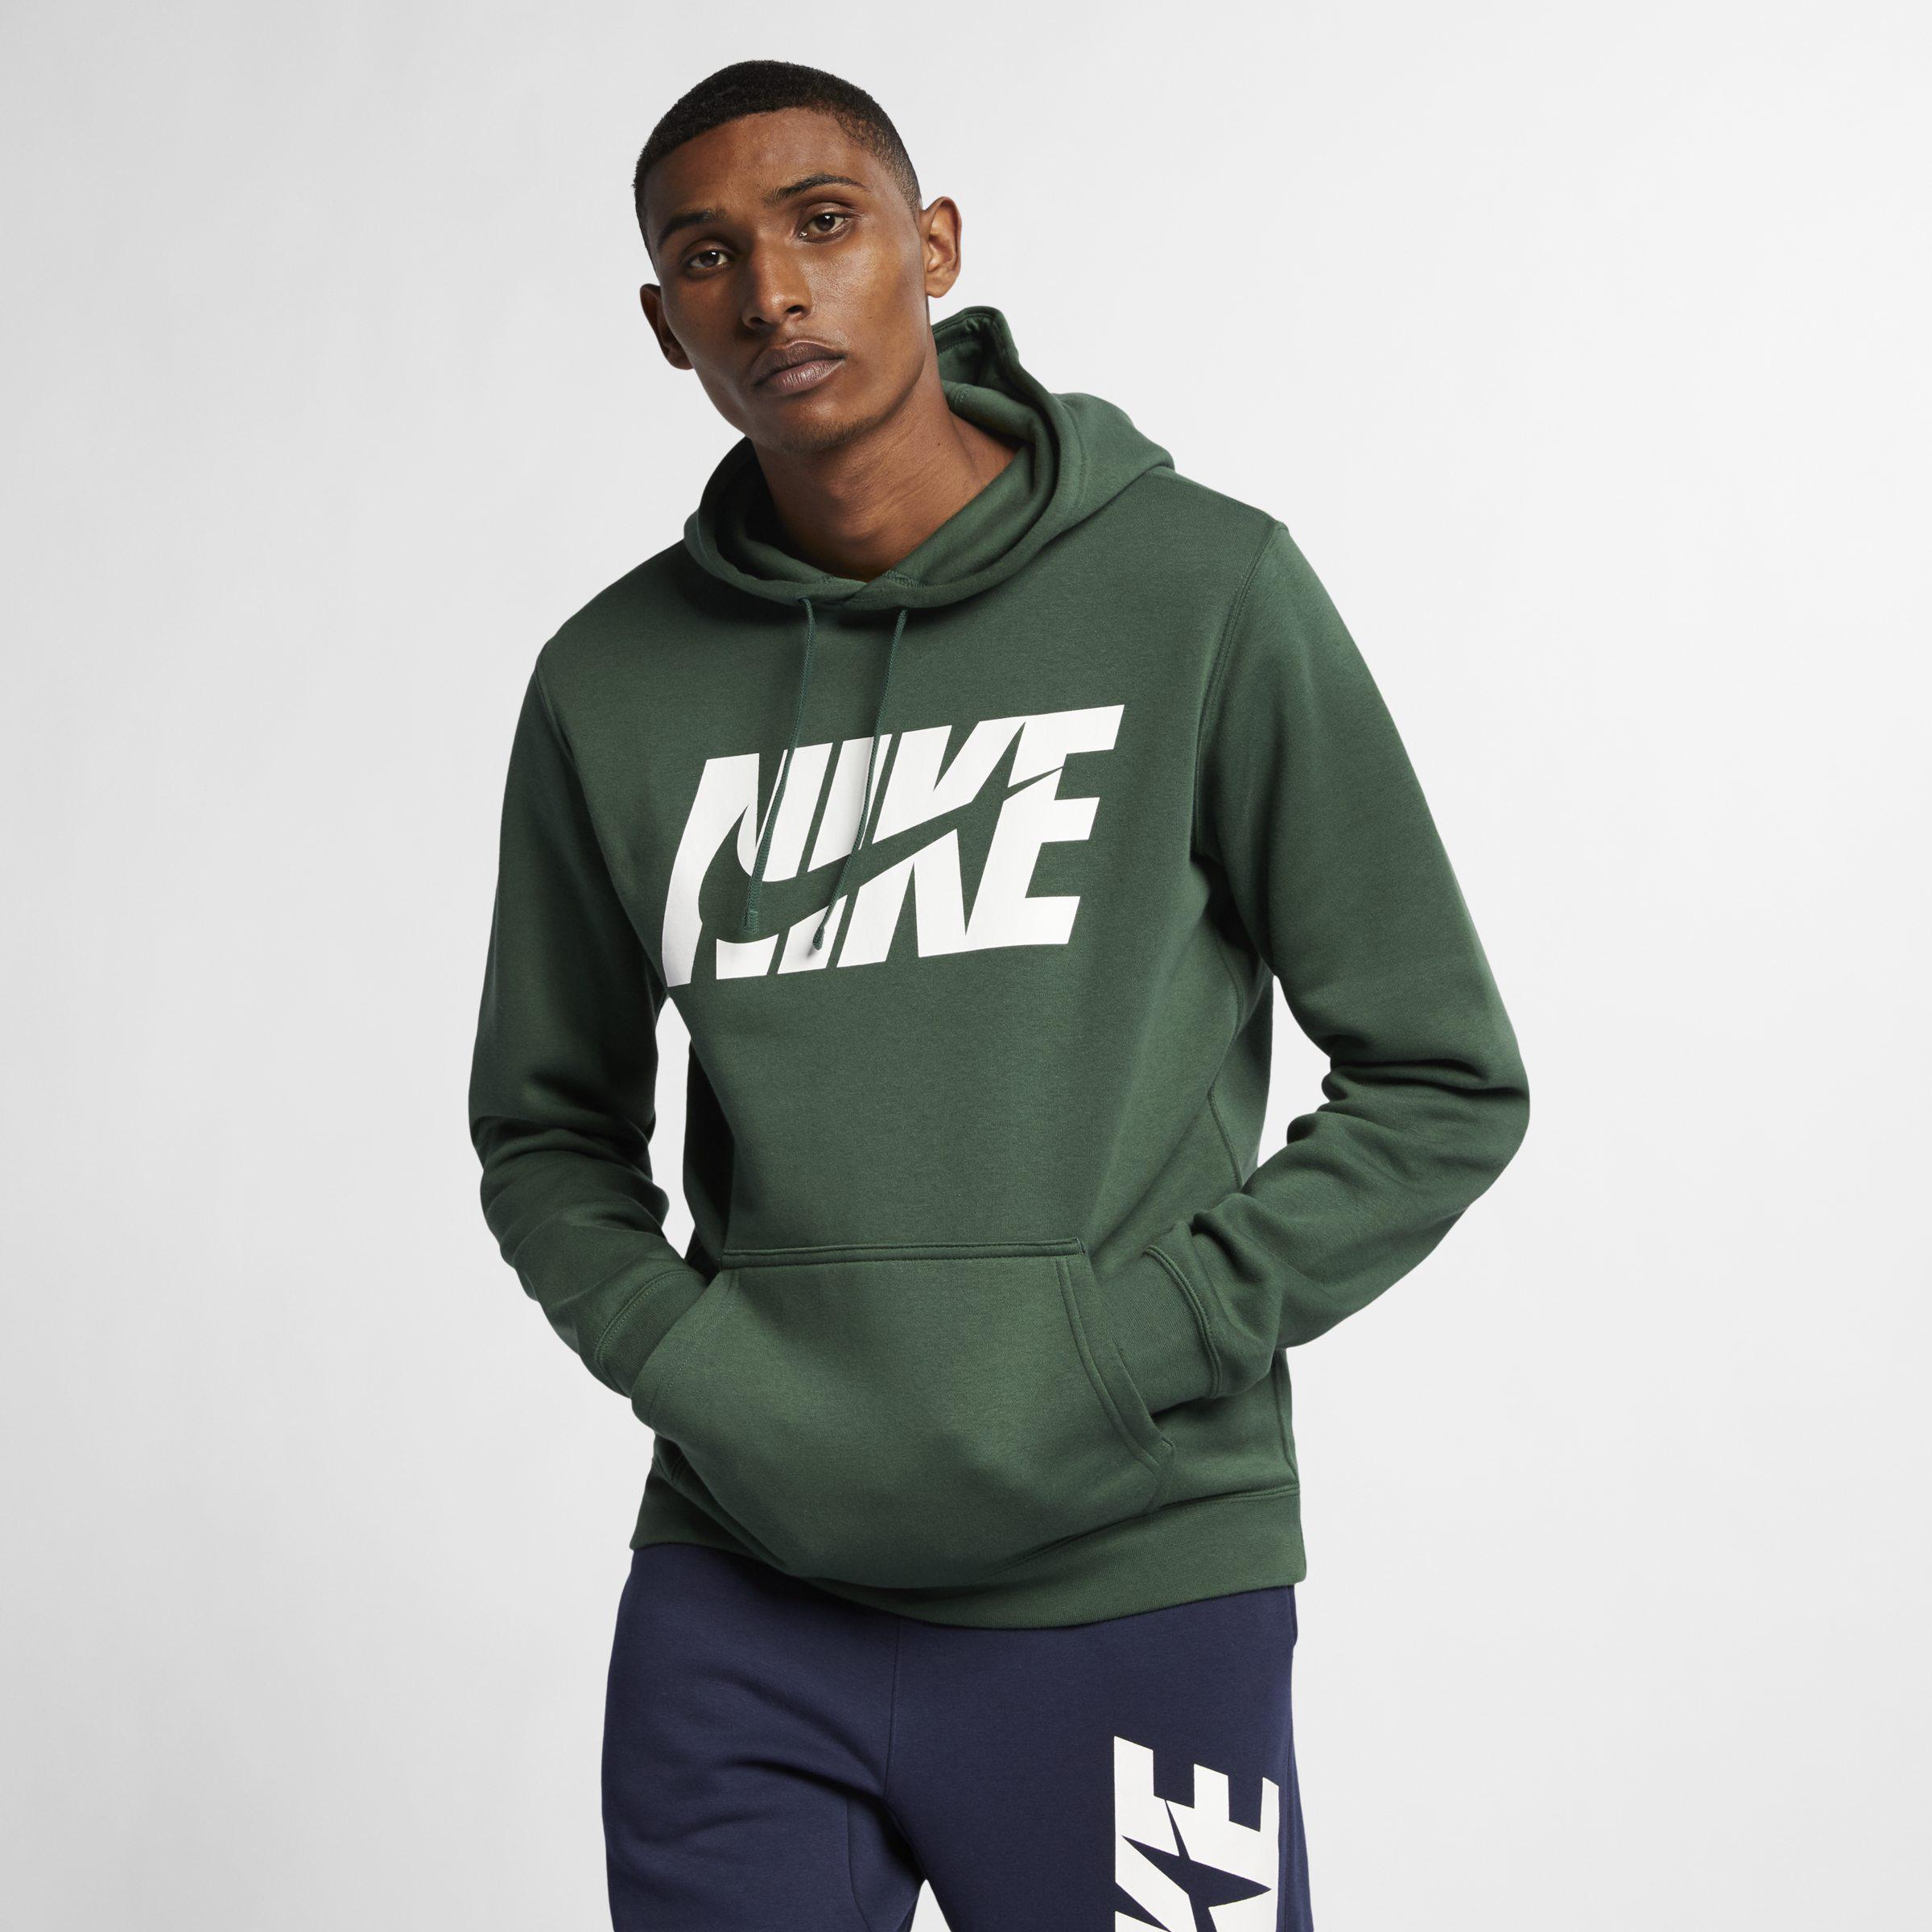 56e54db1e22d Nike Sportswear Fleece Graphic Tracksuit in Green for Men - Lyst